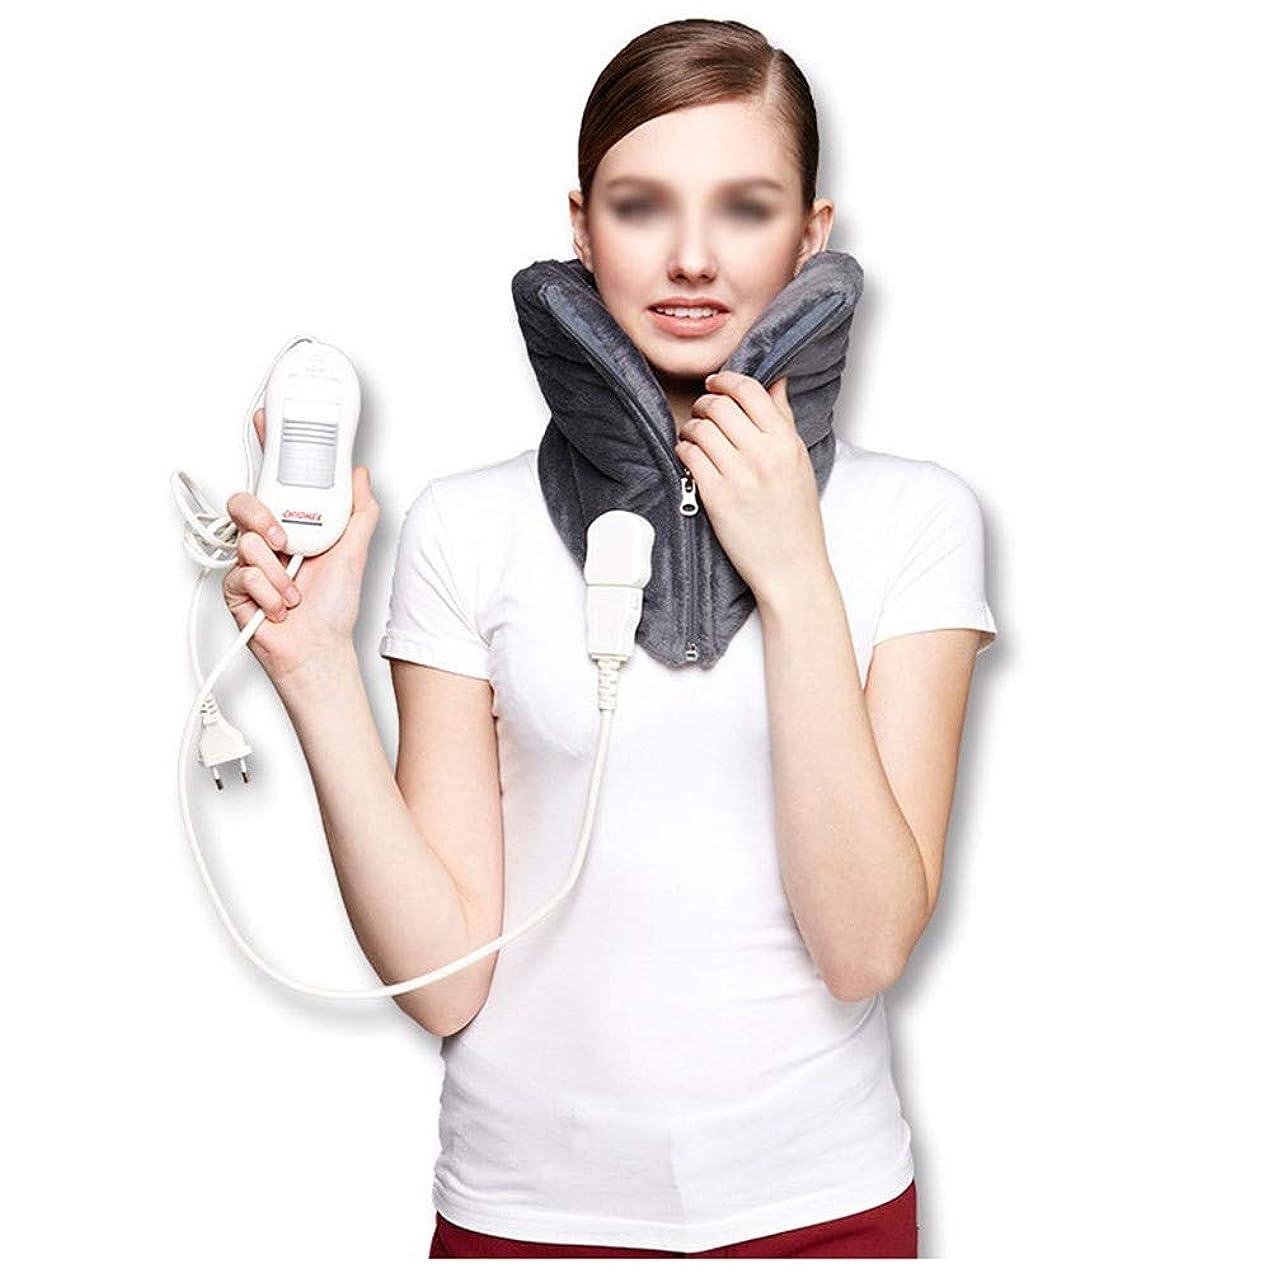 結核米ドルインド頚部の電気ヒーターパッド - 暖かい頚椎のヒートパッド、自動電源オフ、洗える、3速度一定温度、高齢者の痛みを軽減するマッサージャー